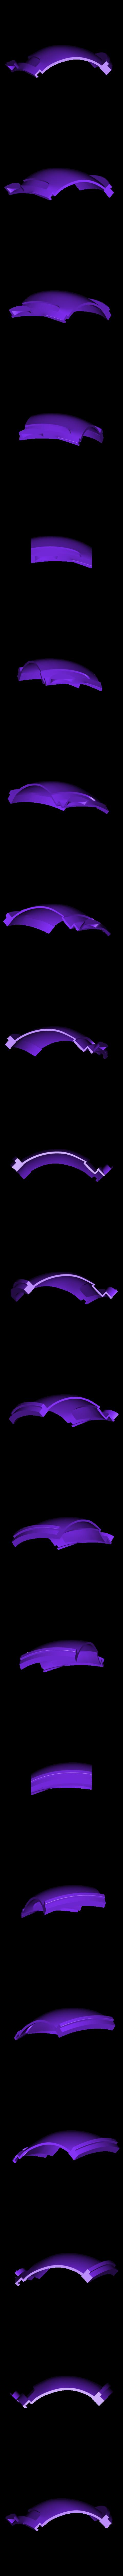 Part_2.stl Télécharger fichier STL gratuit Capitaine Rex Casque Phase 2 (Star Wars) • Plan imprimable en 3D, VillainousPropShop